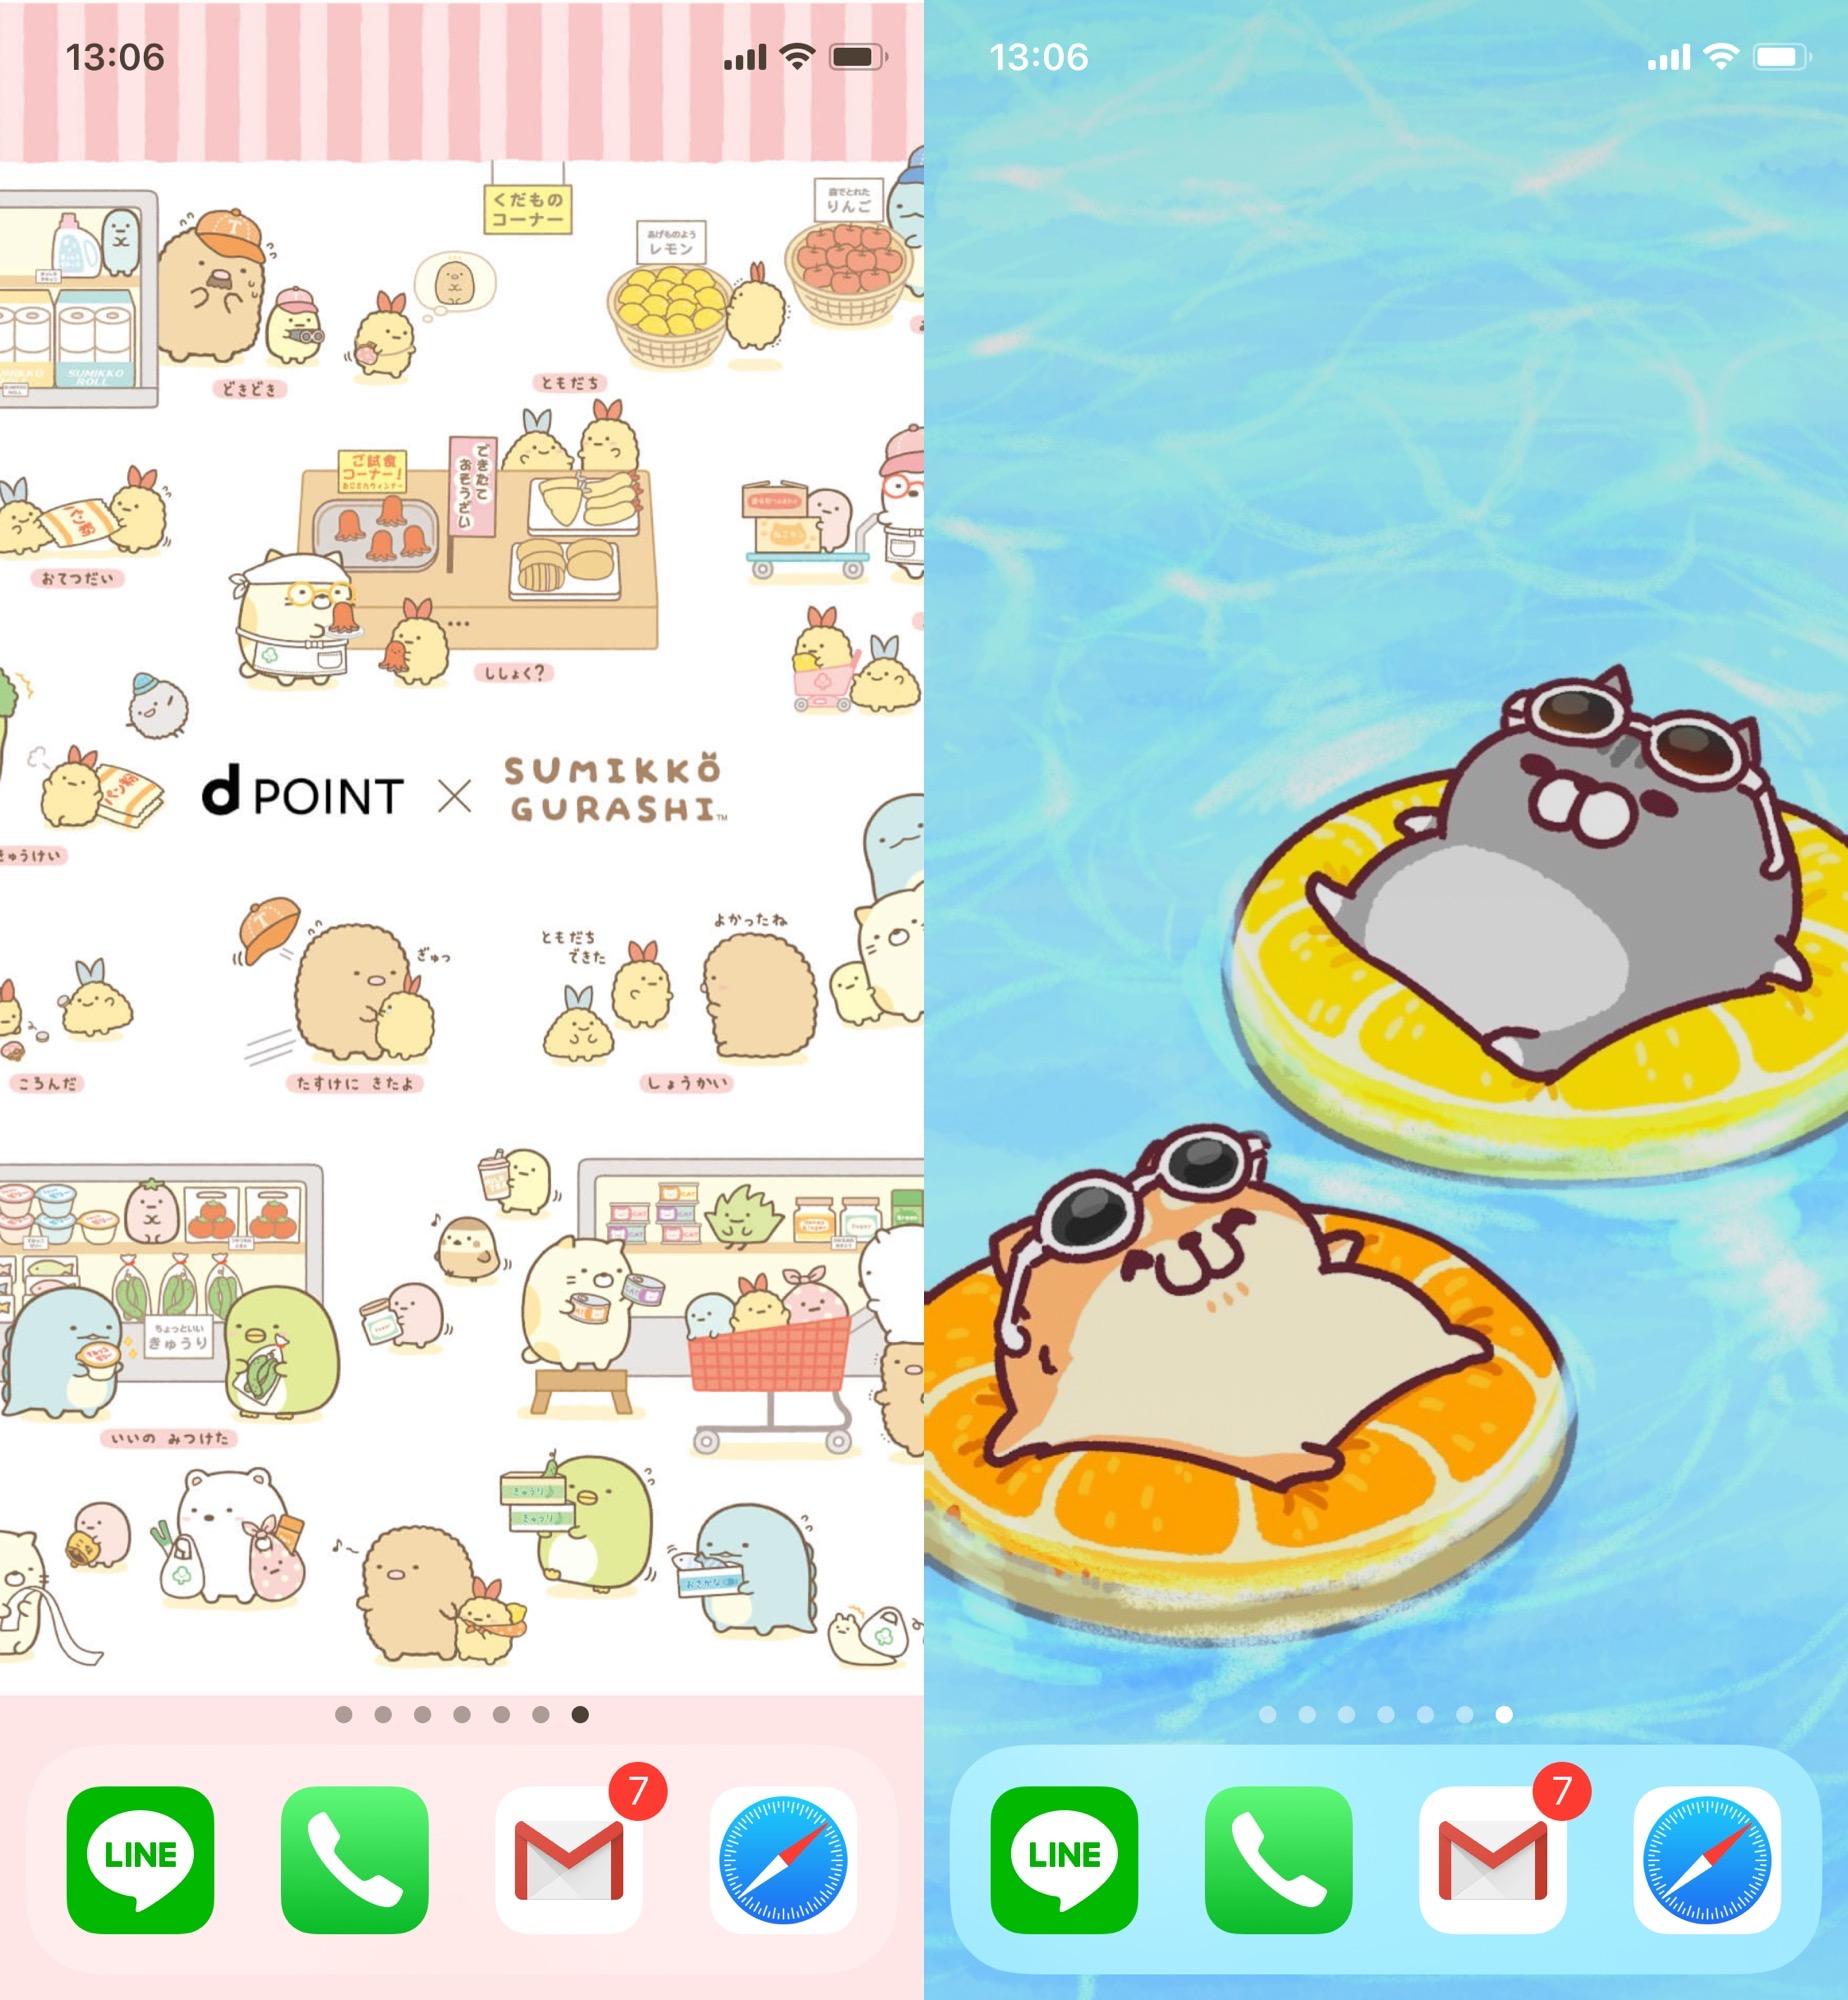 iPhone 11 Pro の壁紙をすみっコぐらしからボンレス犬猫に変更🐶😺 https://t.co/aDkHbsm6mn